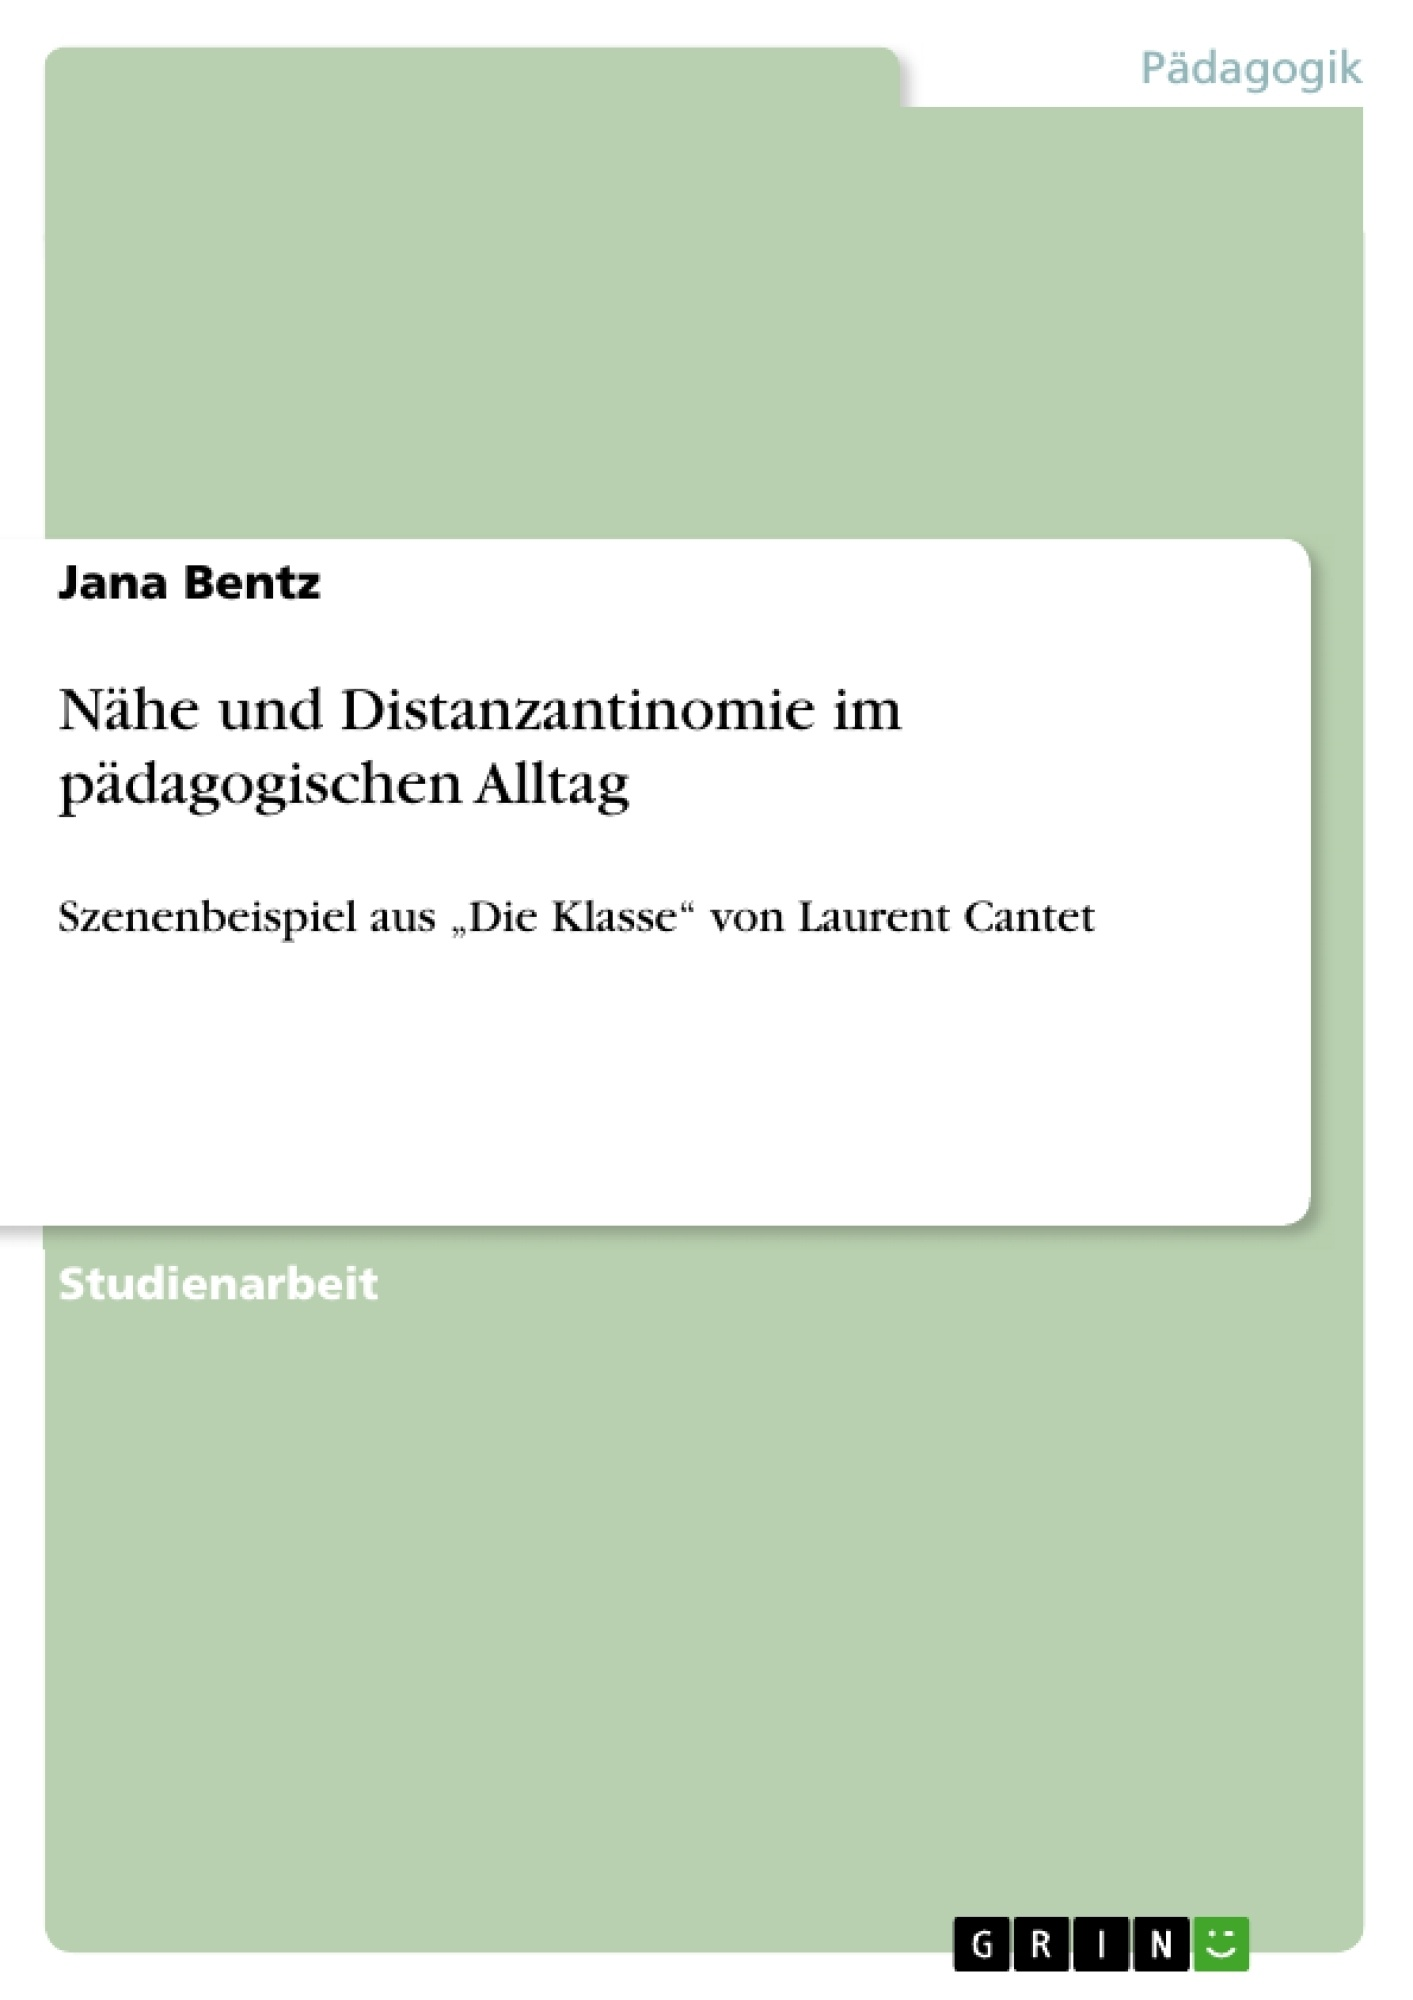 Titel: Nähe und Distanzantinomie im pädagogischen Alltag